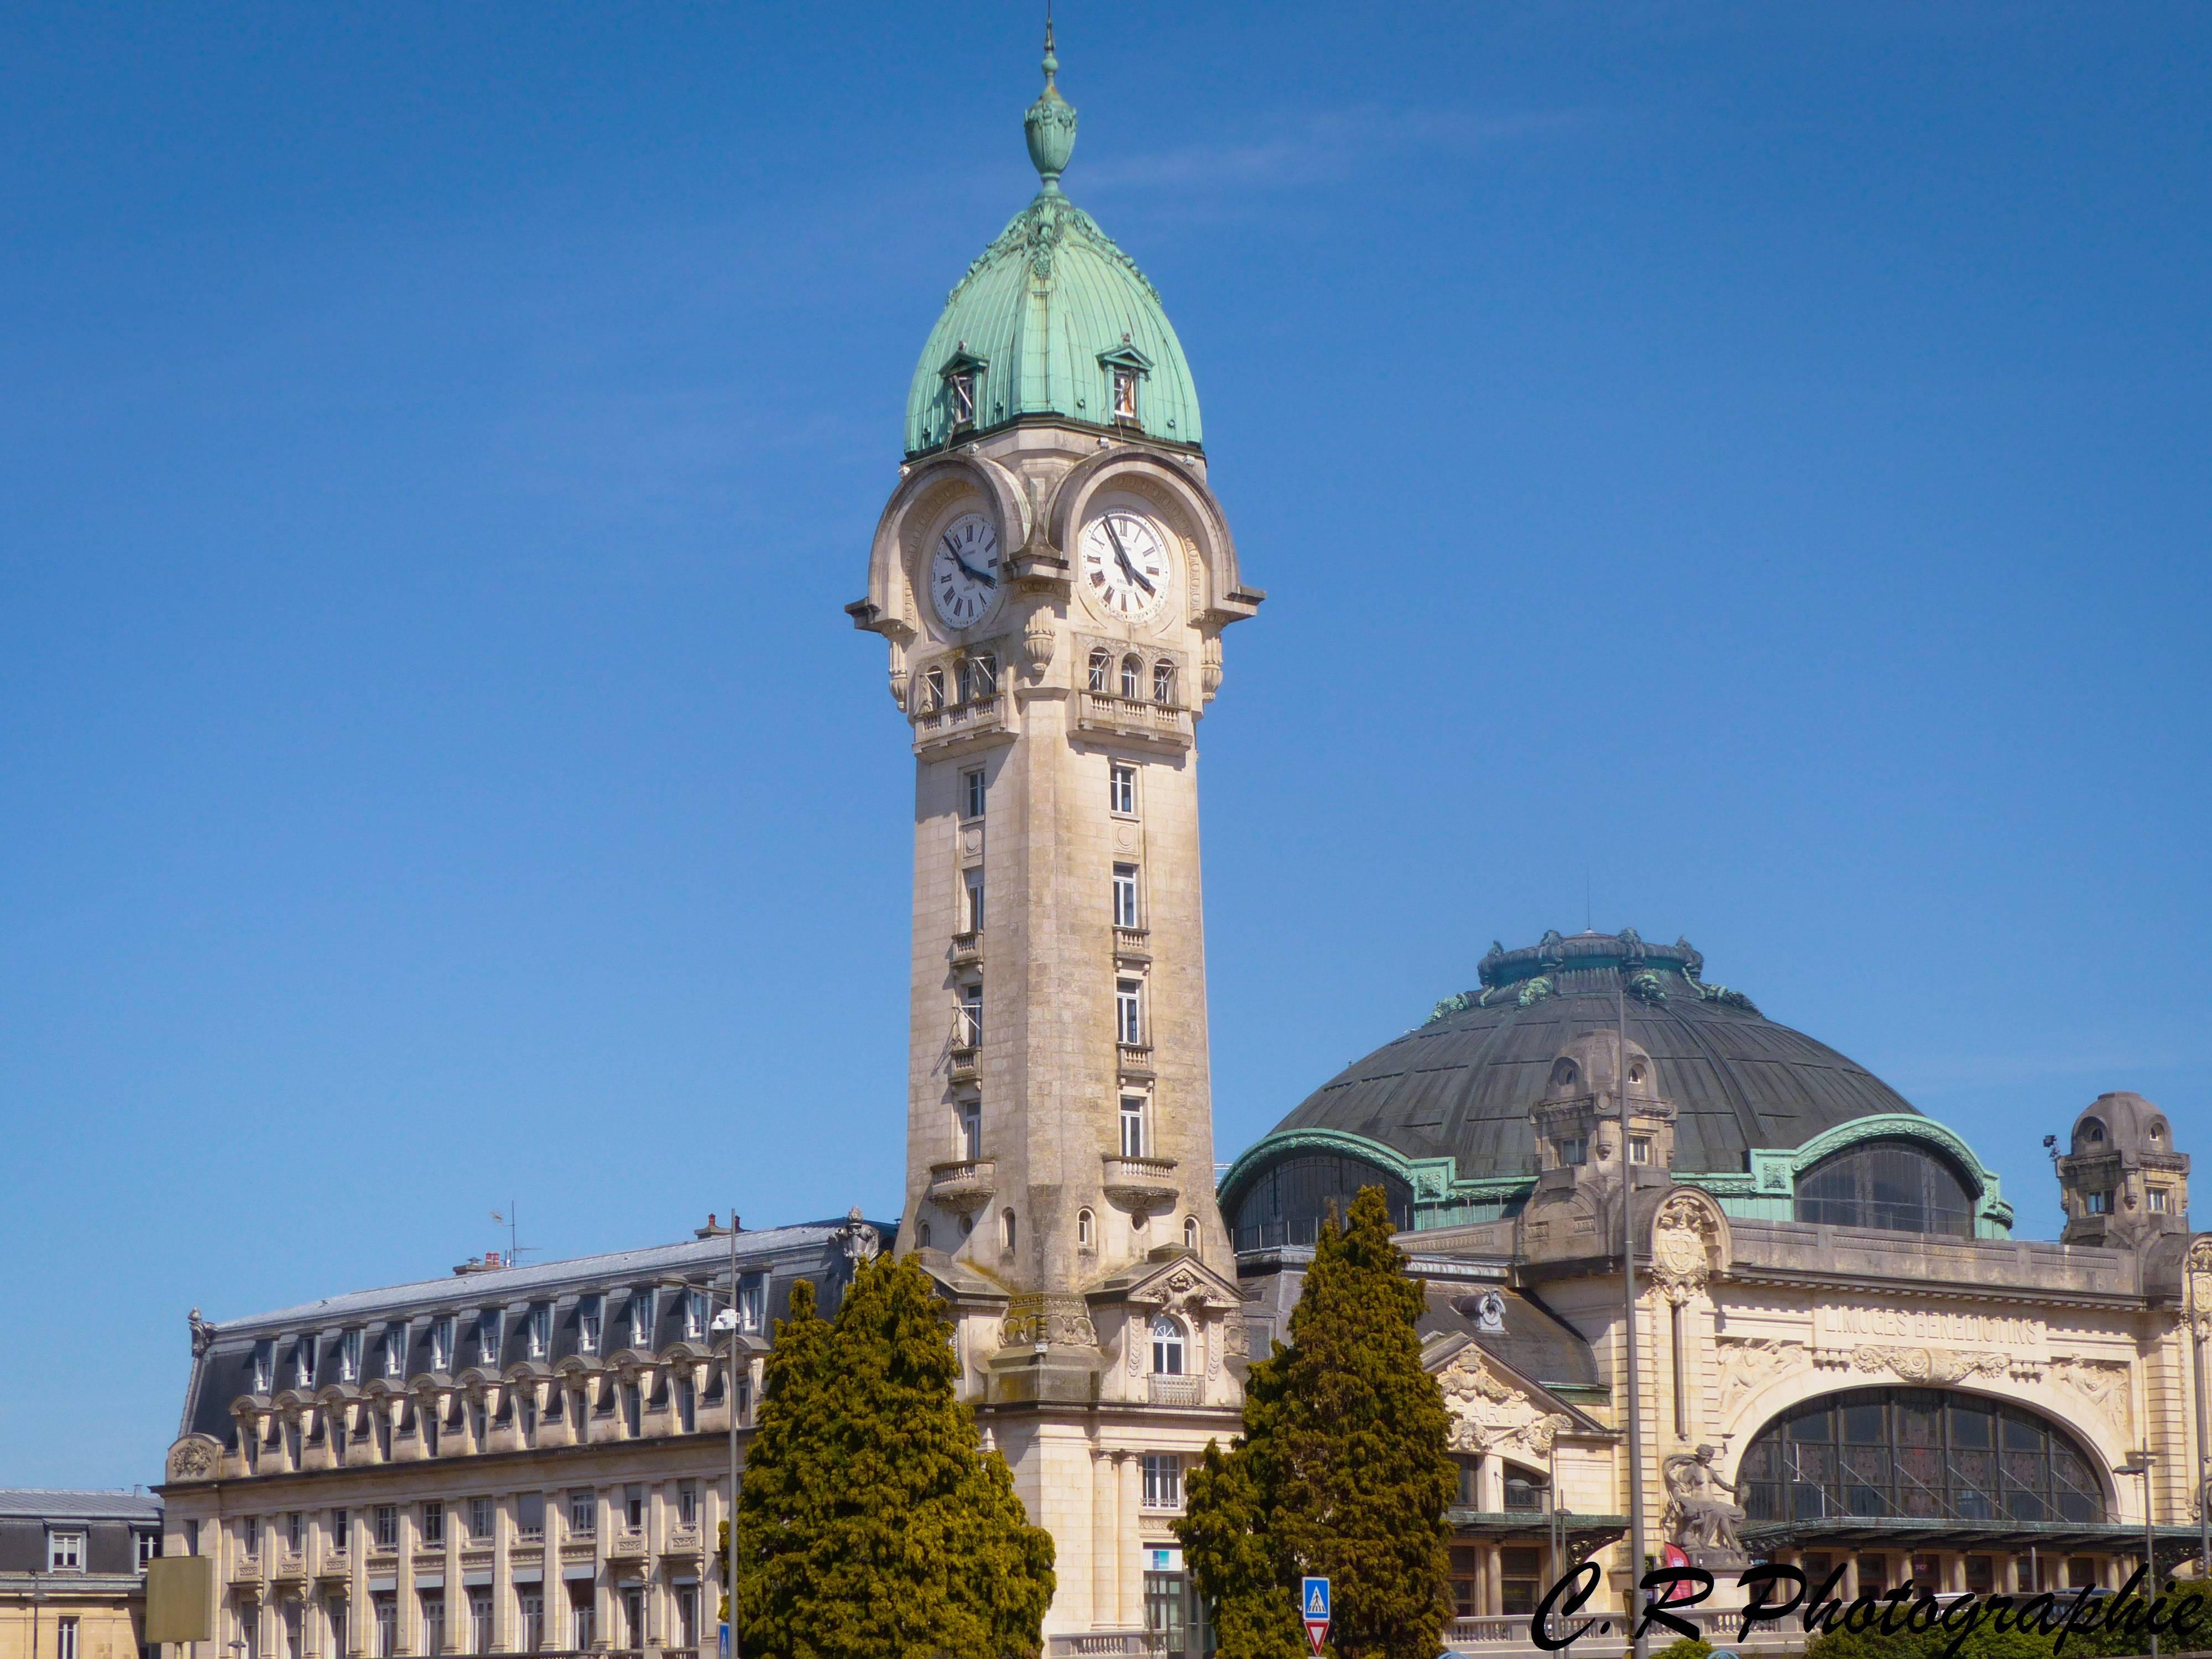 Photo 2: Gare Limoges-Bénédictins, de toute beauté